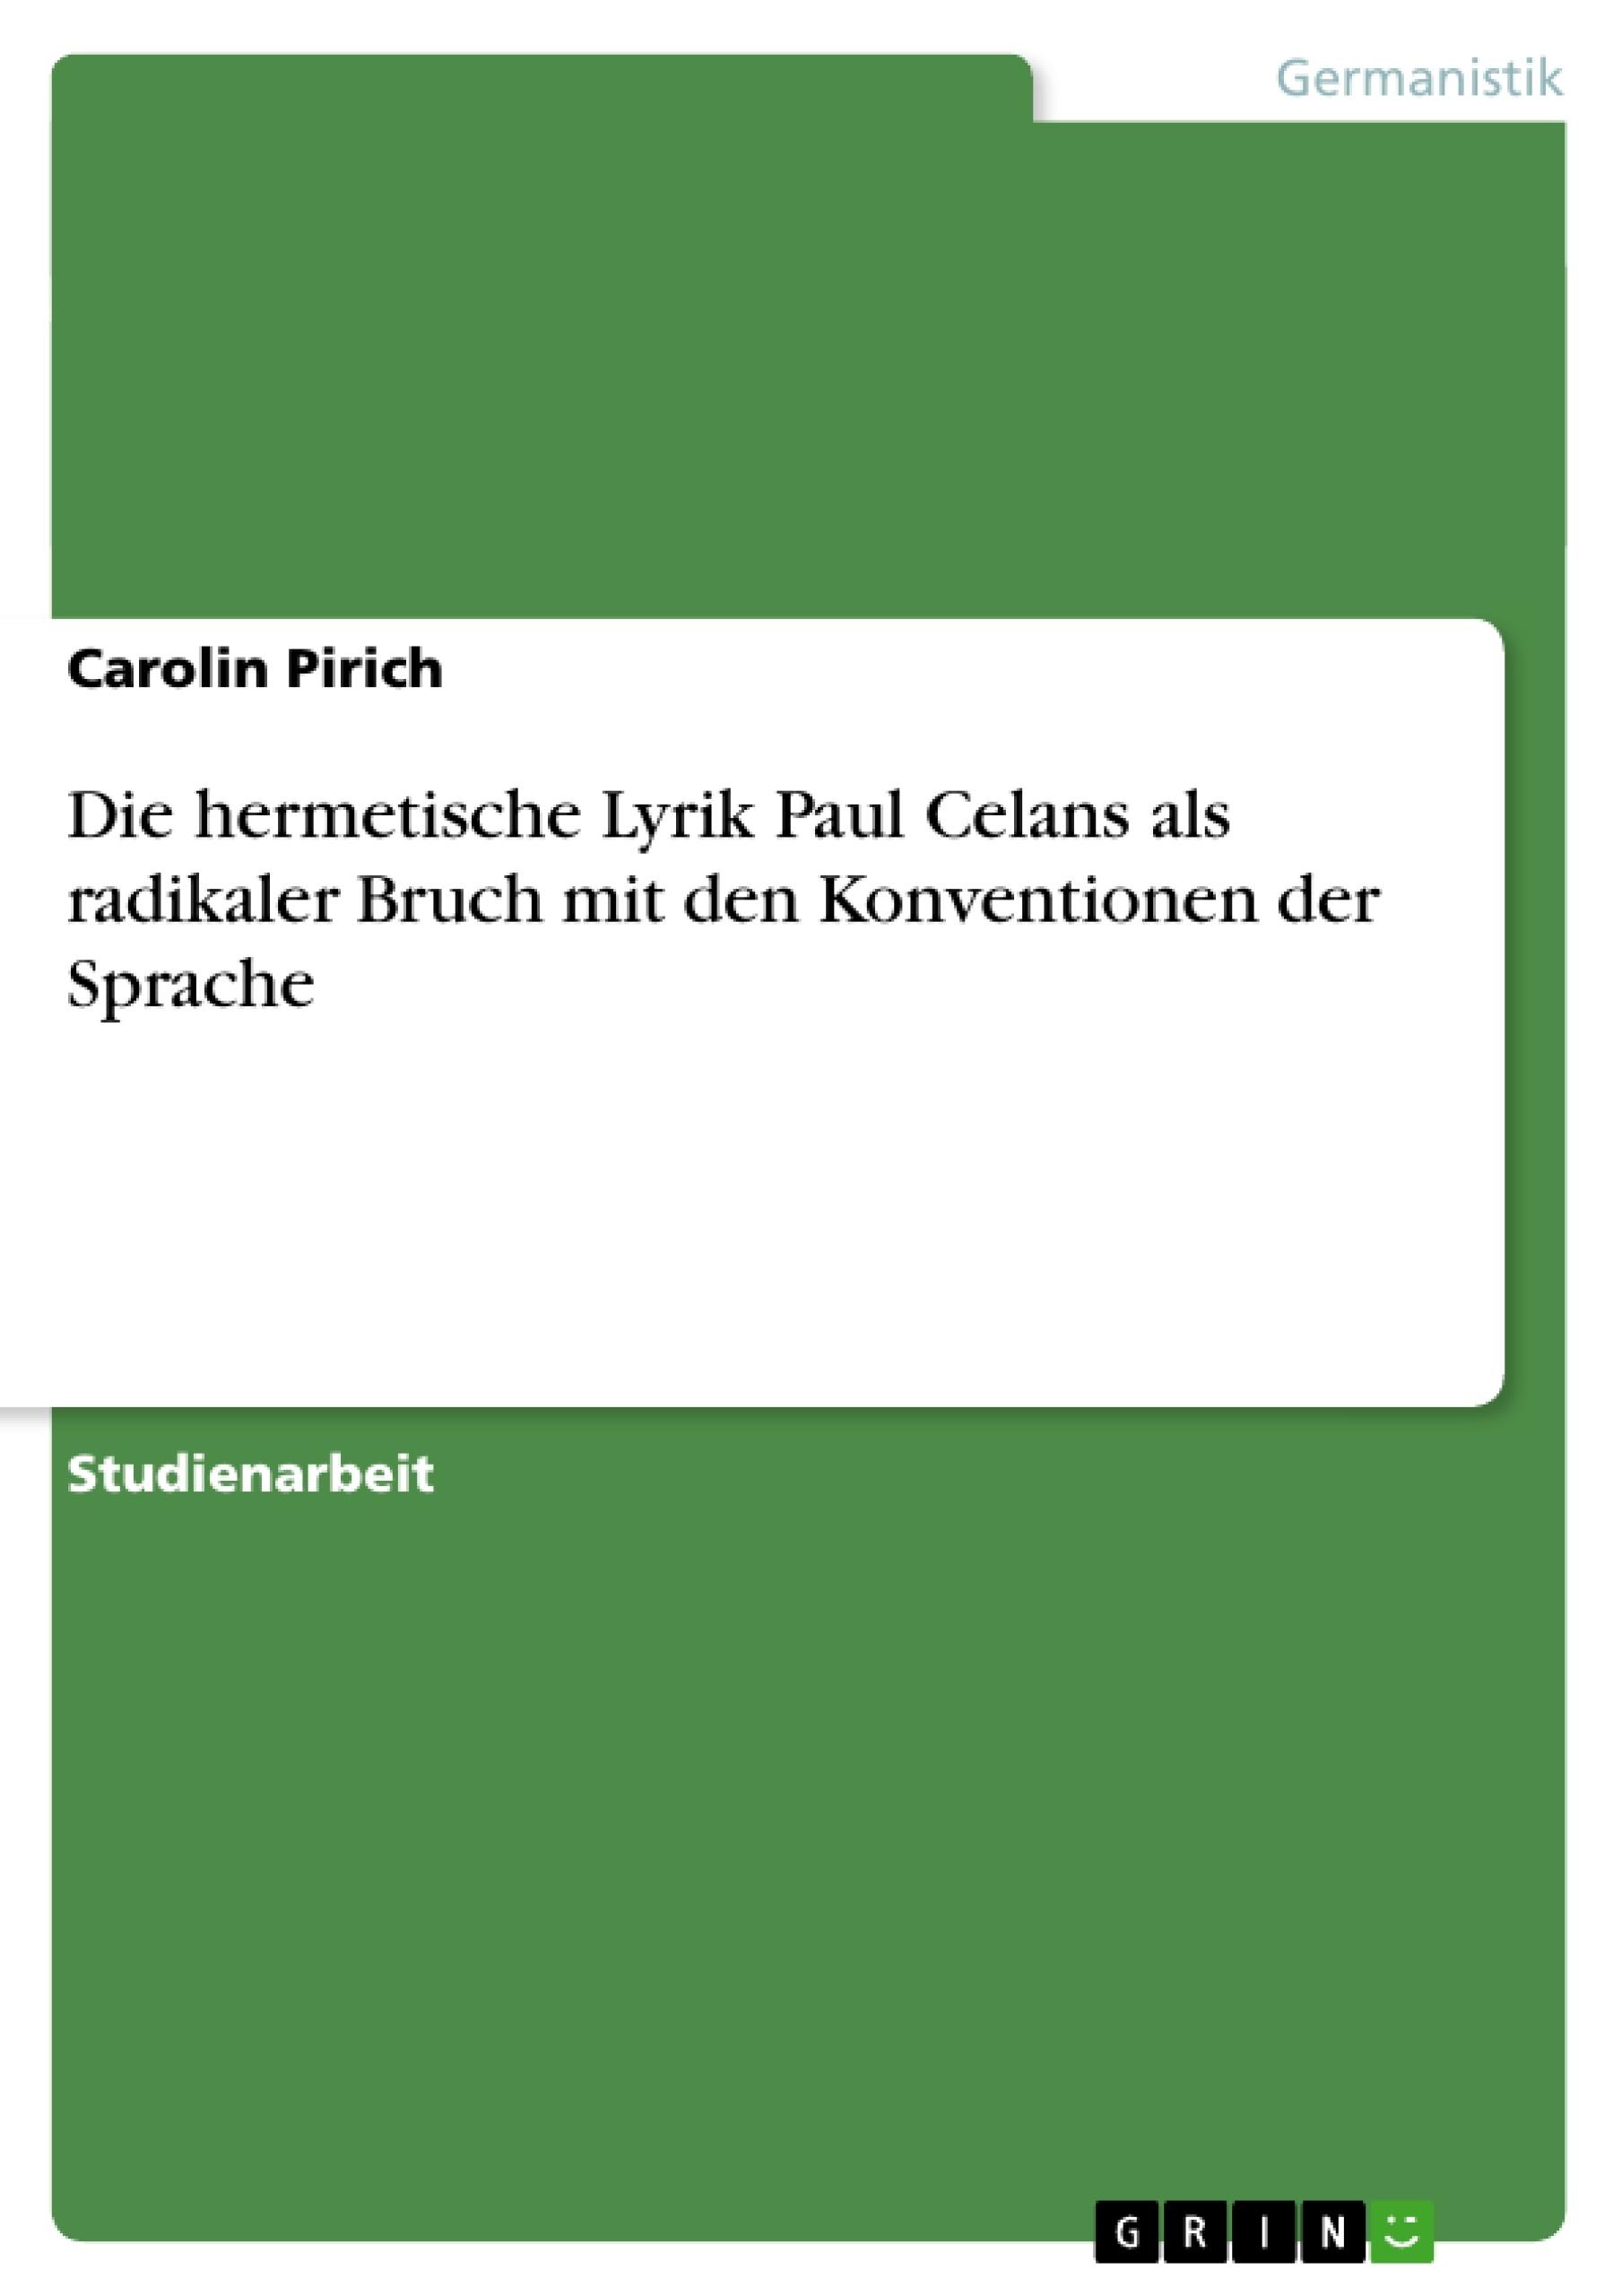 Titel: Die hermetische Lyrik Paul Celans als radikaler Bruch mit den Konventionen der Sprache